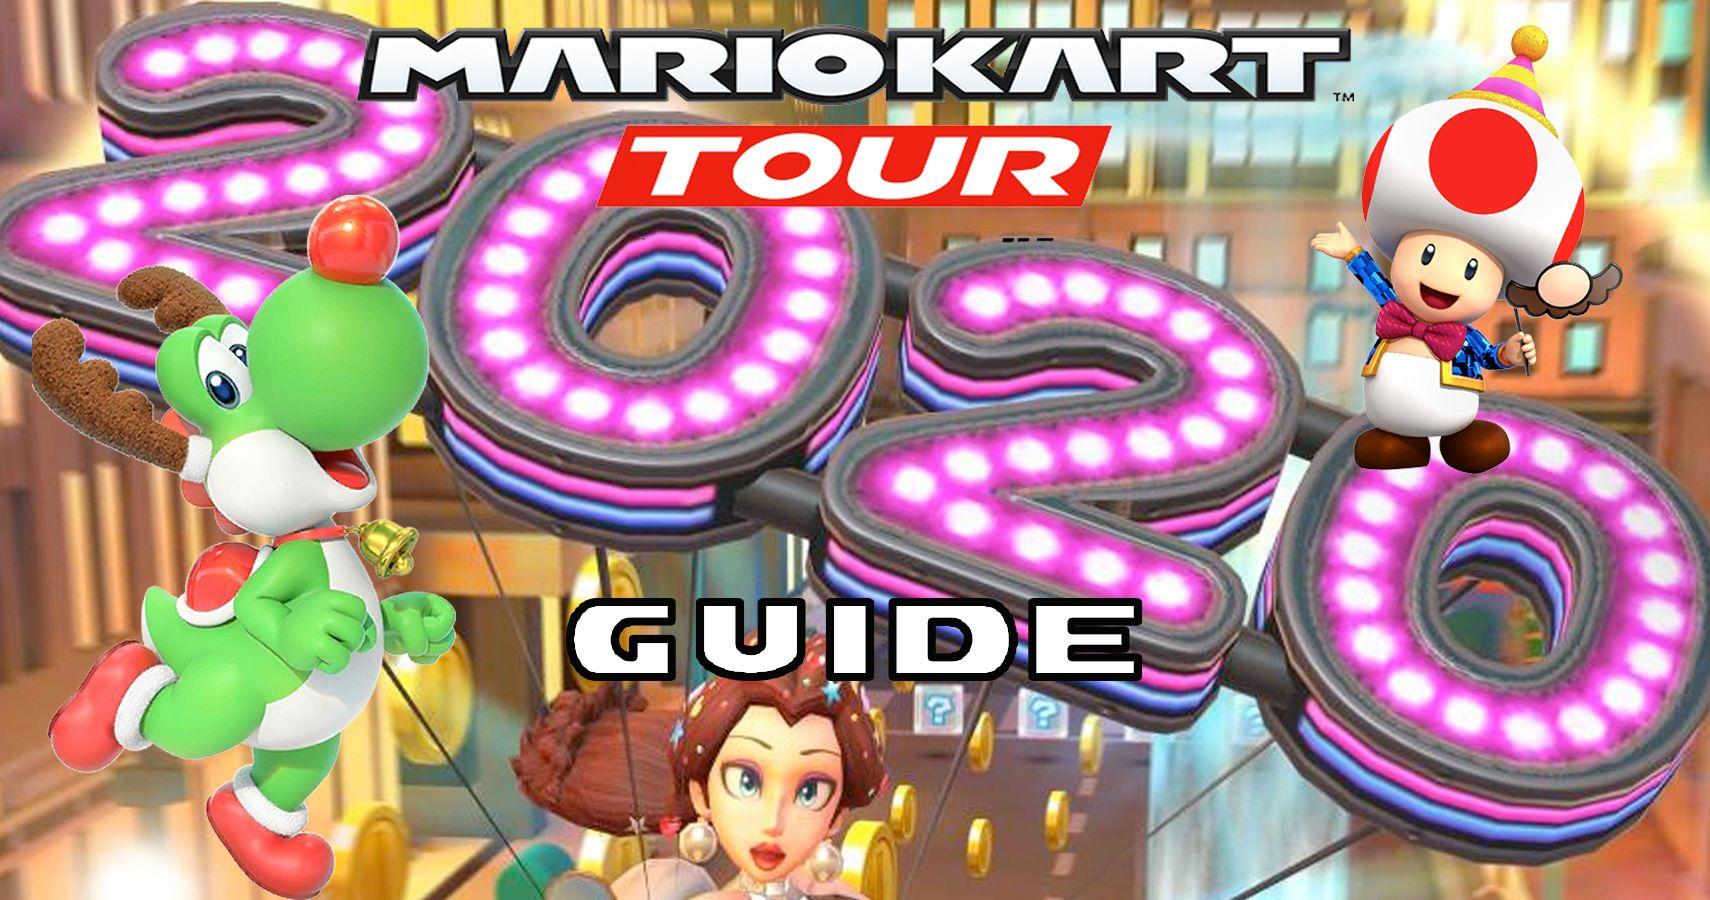 Mario Kart Tour New Year S Tour Guide Thegamer